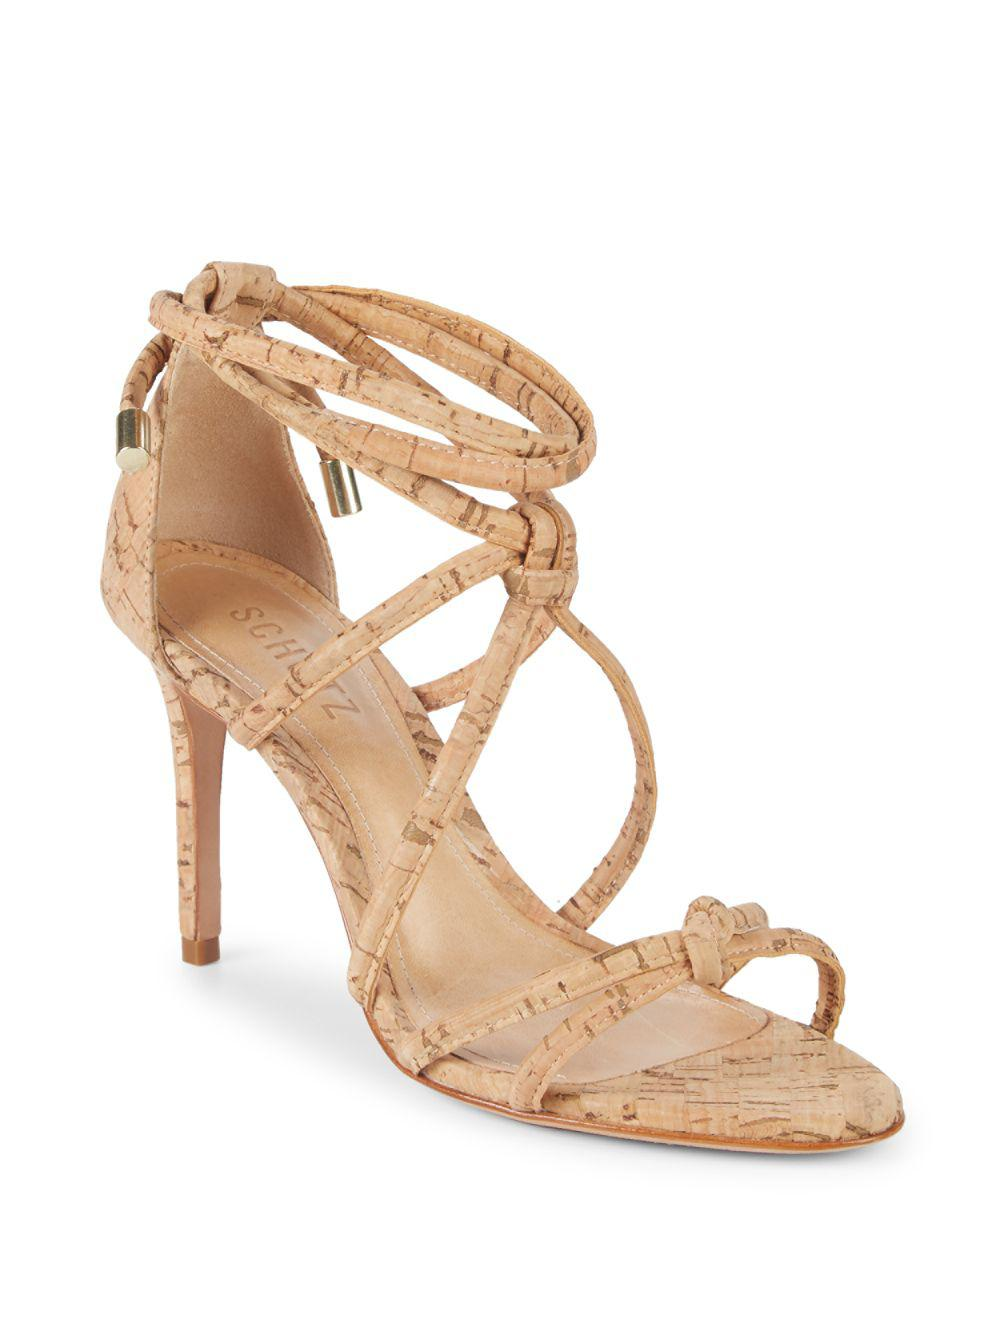 80102db136cc Lyst - Schutz Nadira Ankle-strap Sandals in Natural